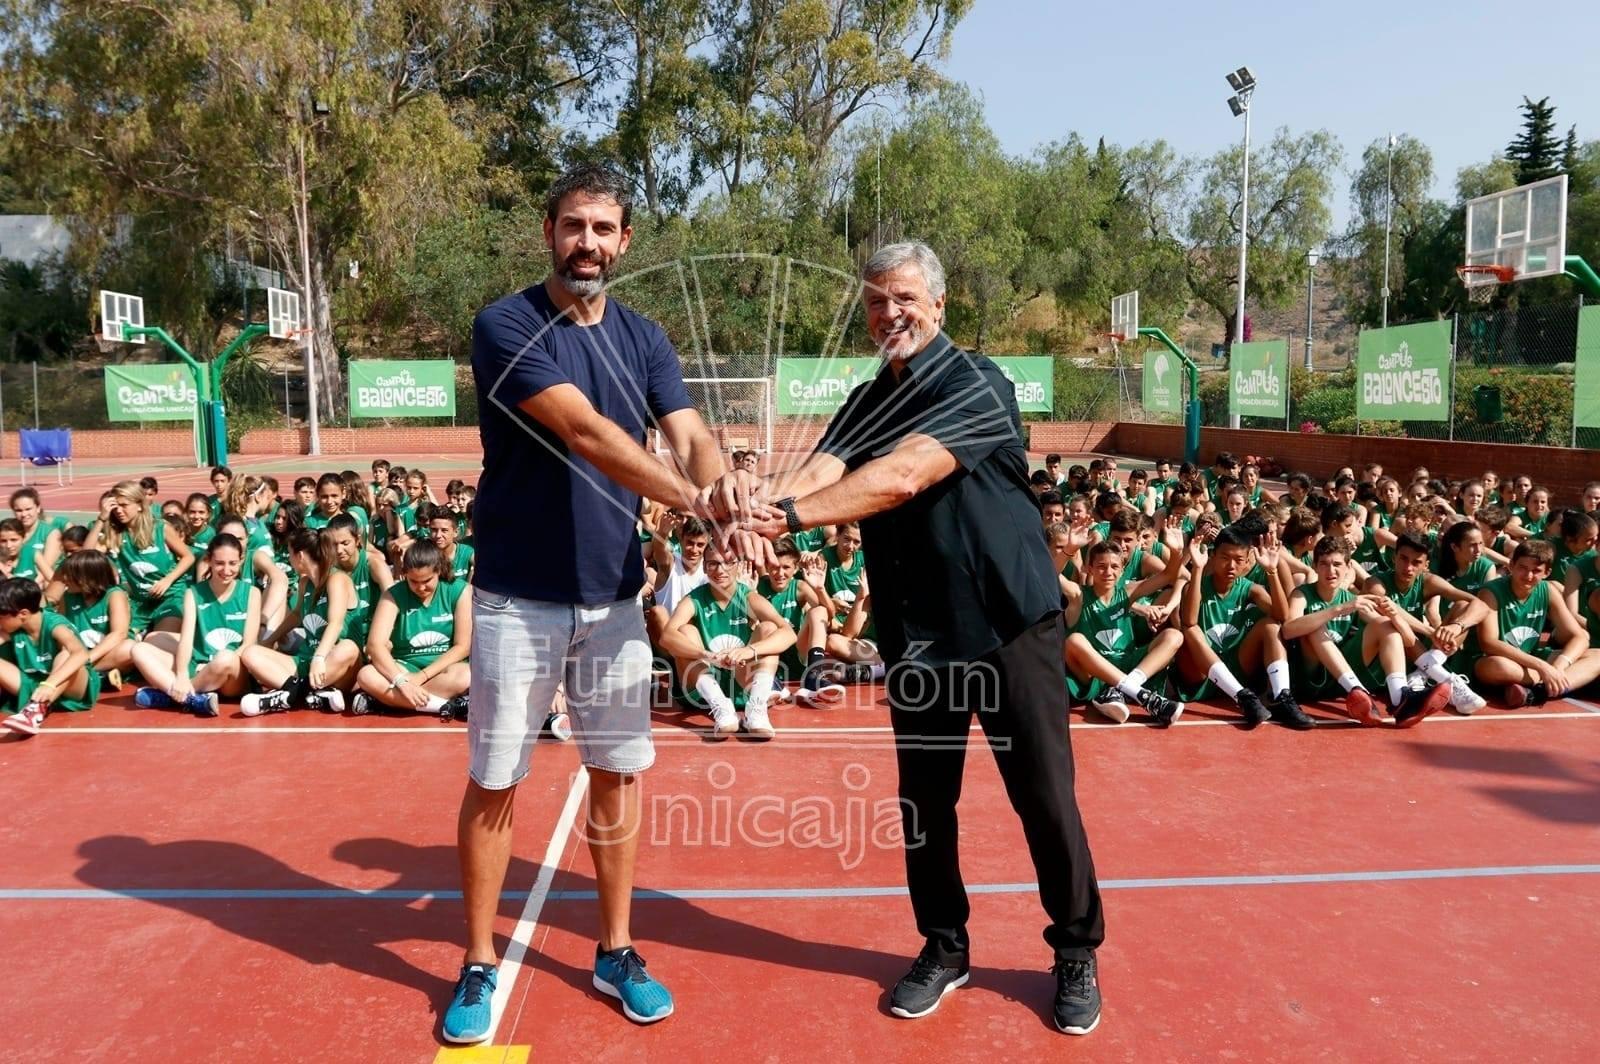 Fundación Unicaja Respalda El 'Proyecto 675' De Berni Rodríguez Para Apoyar El Baloncesto De Base